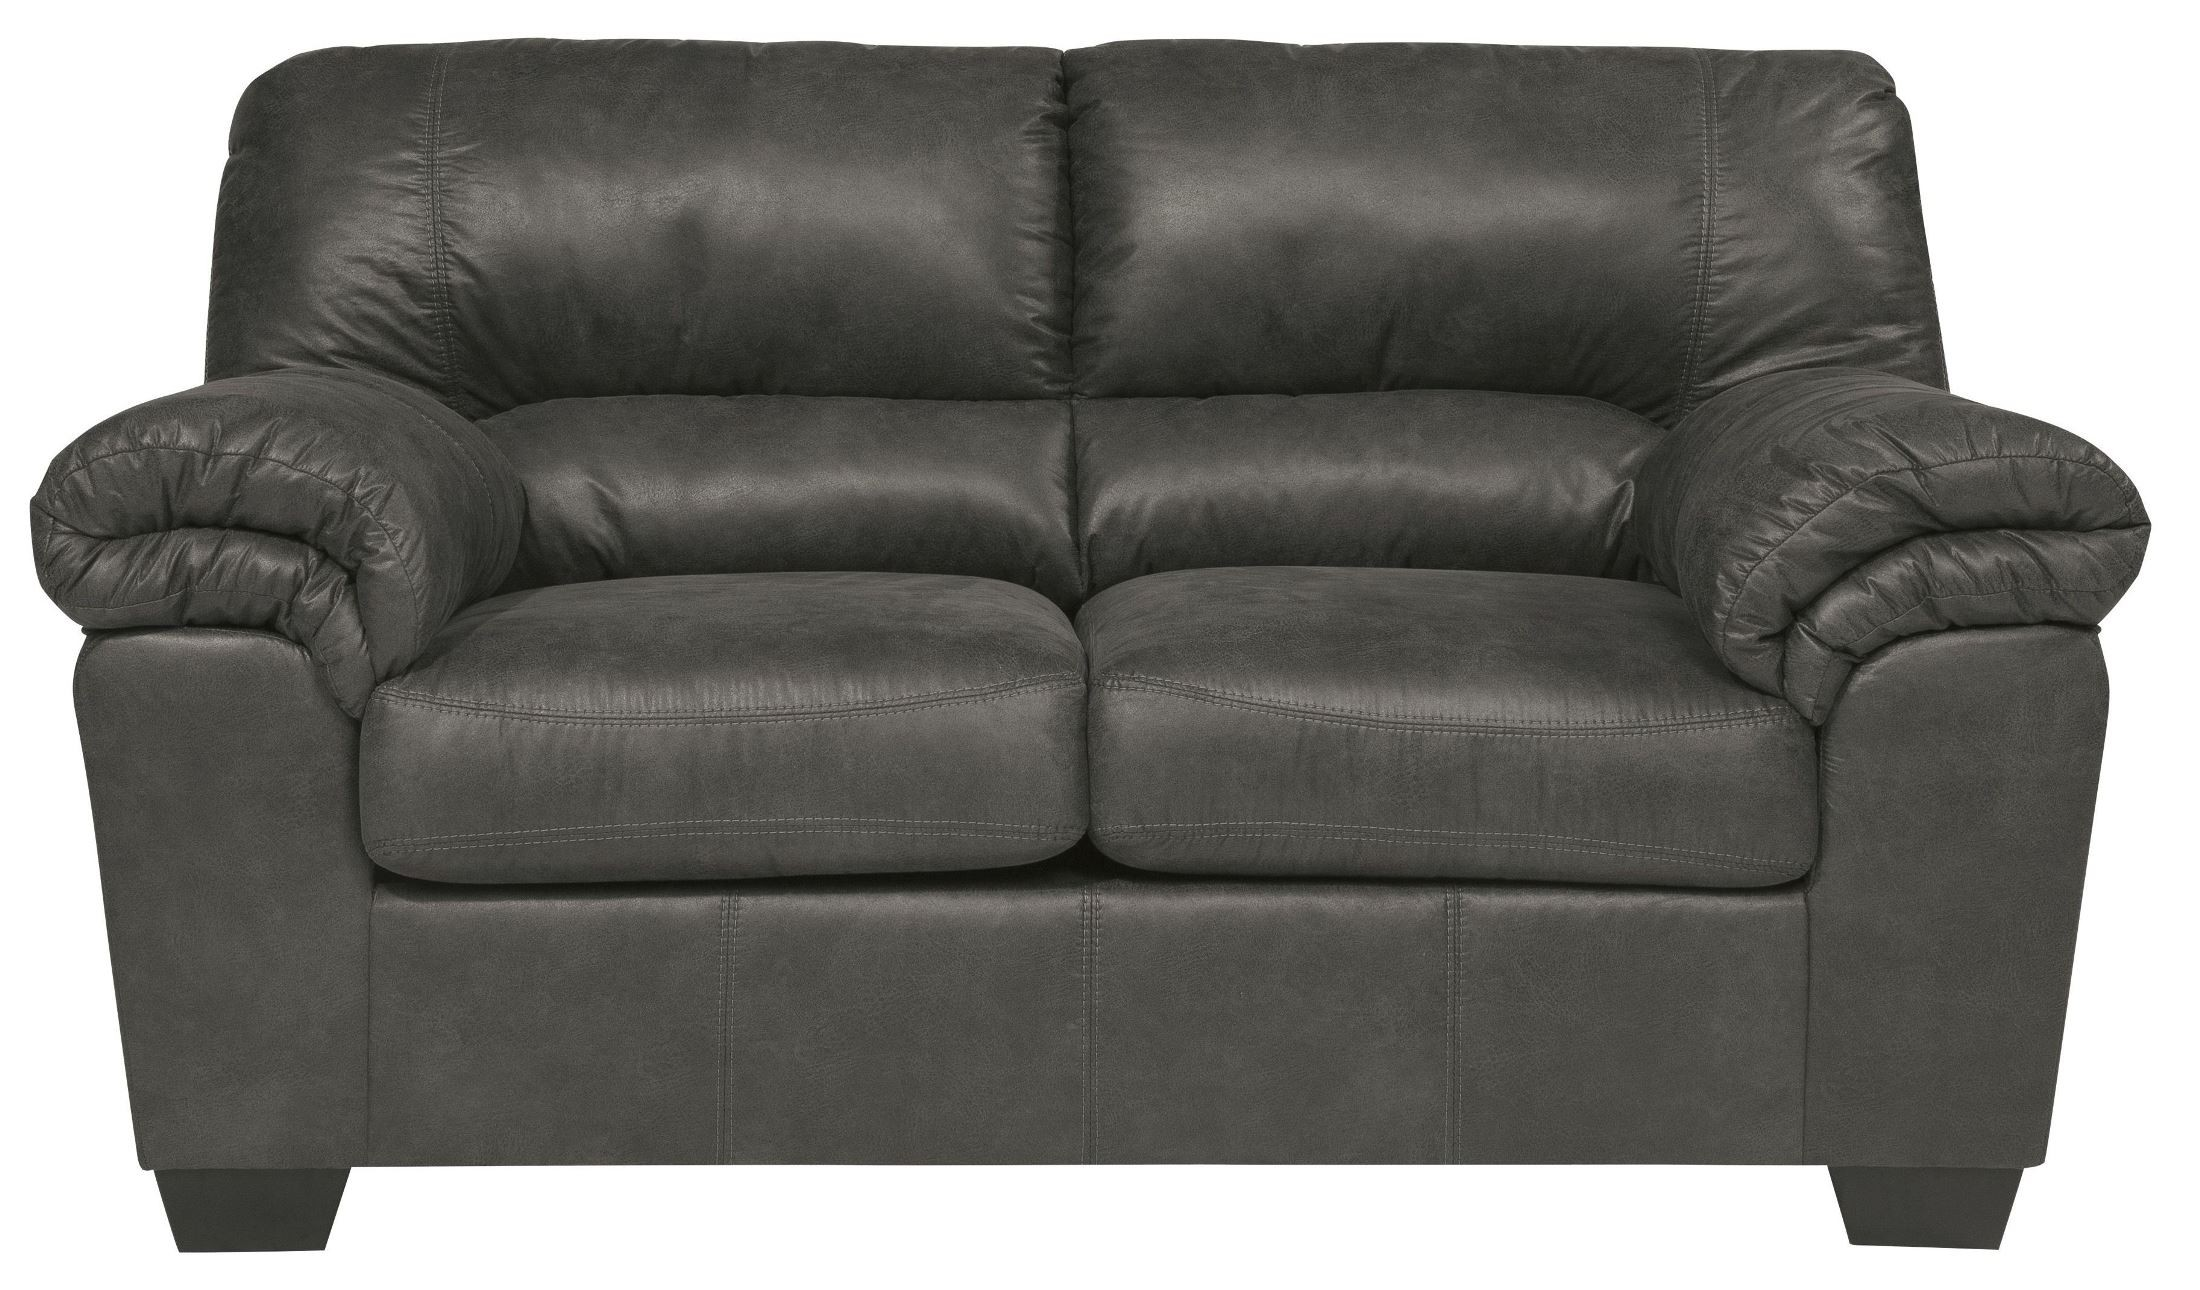 Bladen Slate Living Room Set From Ashley 1200138